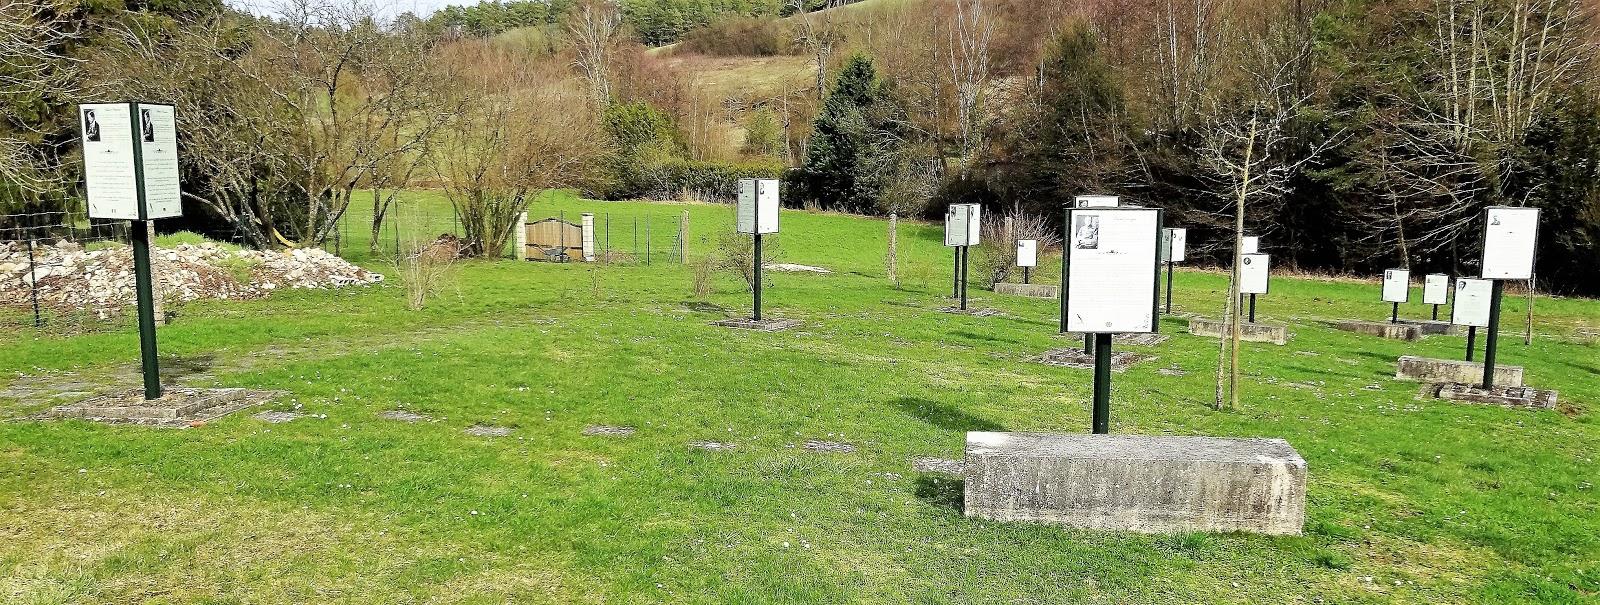 Dr Tony Shaw: Le Jardin Littéraire in Saint-Rémy-la-Calonne ...